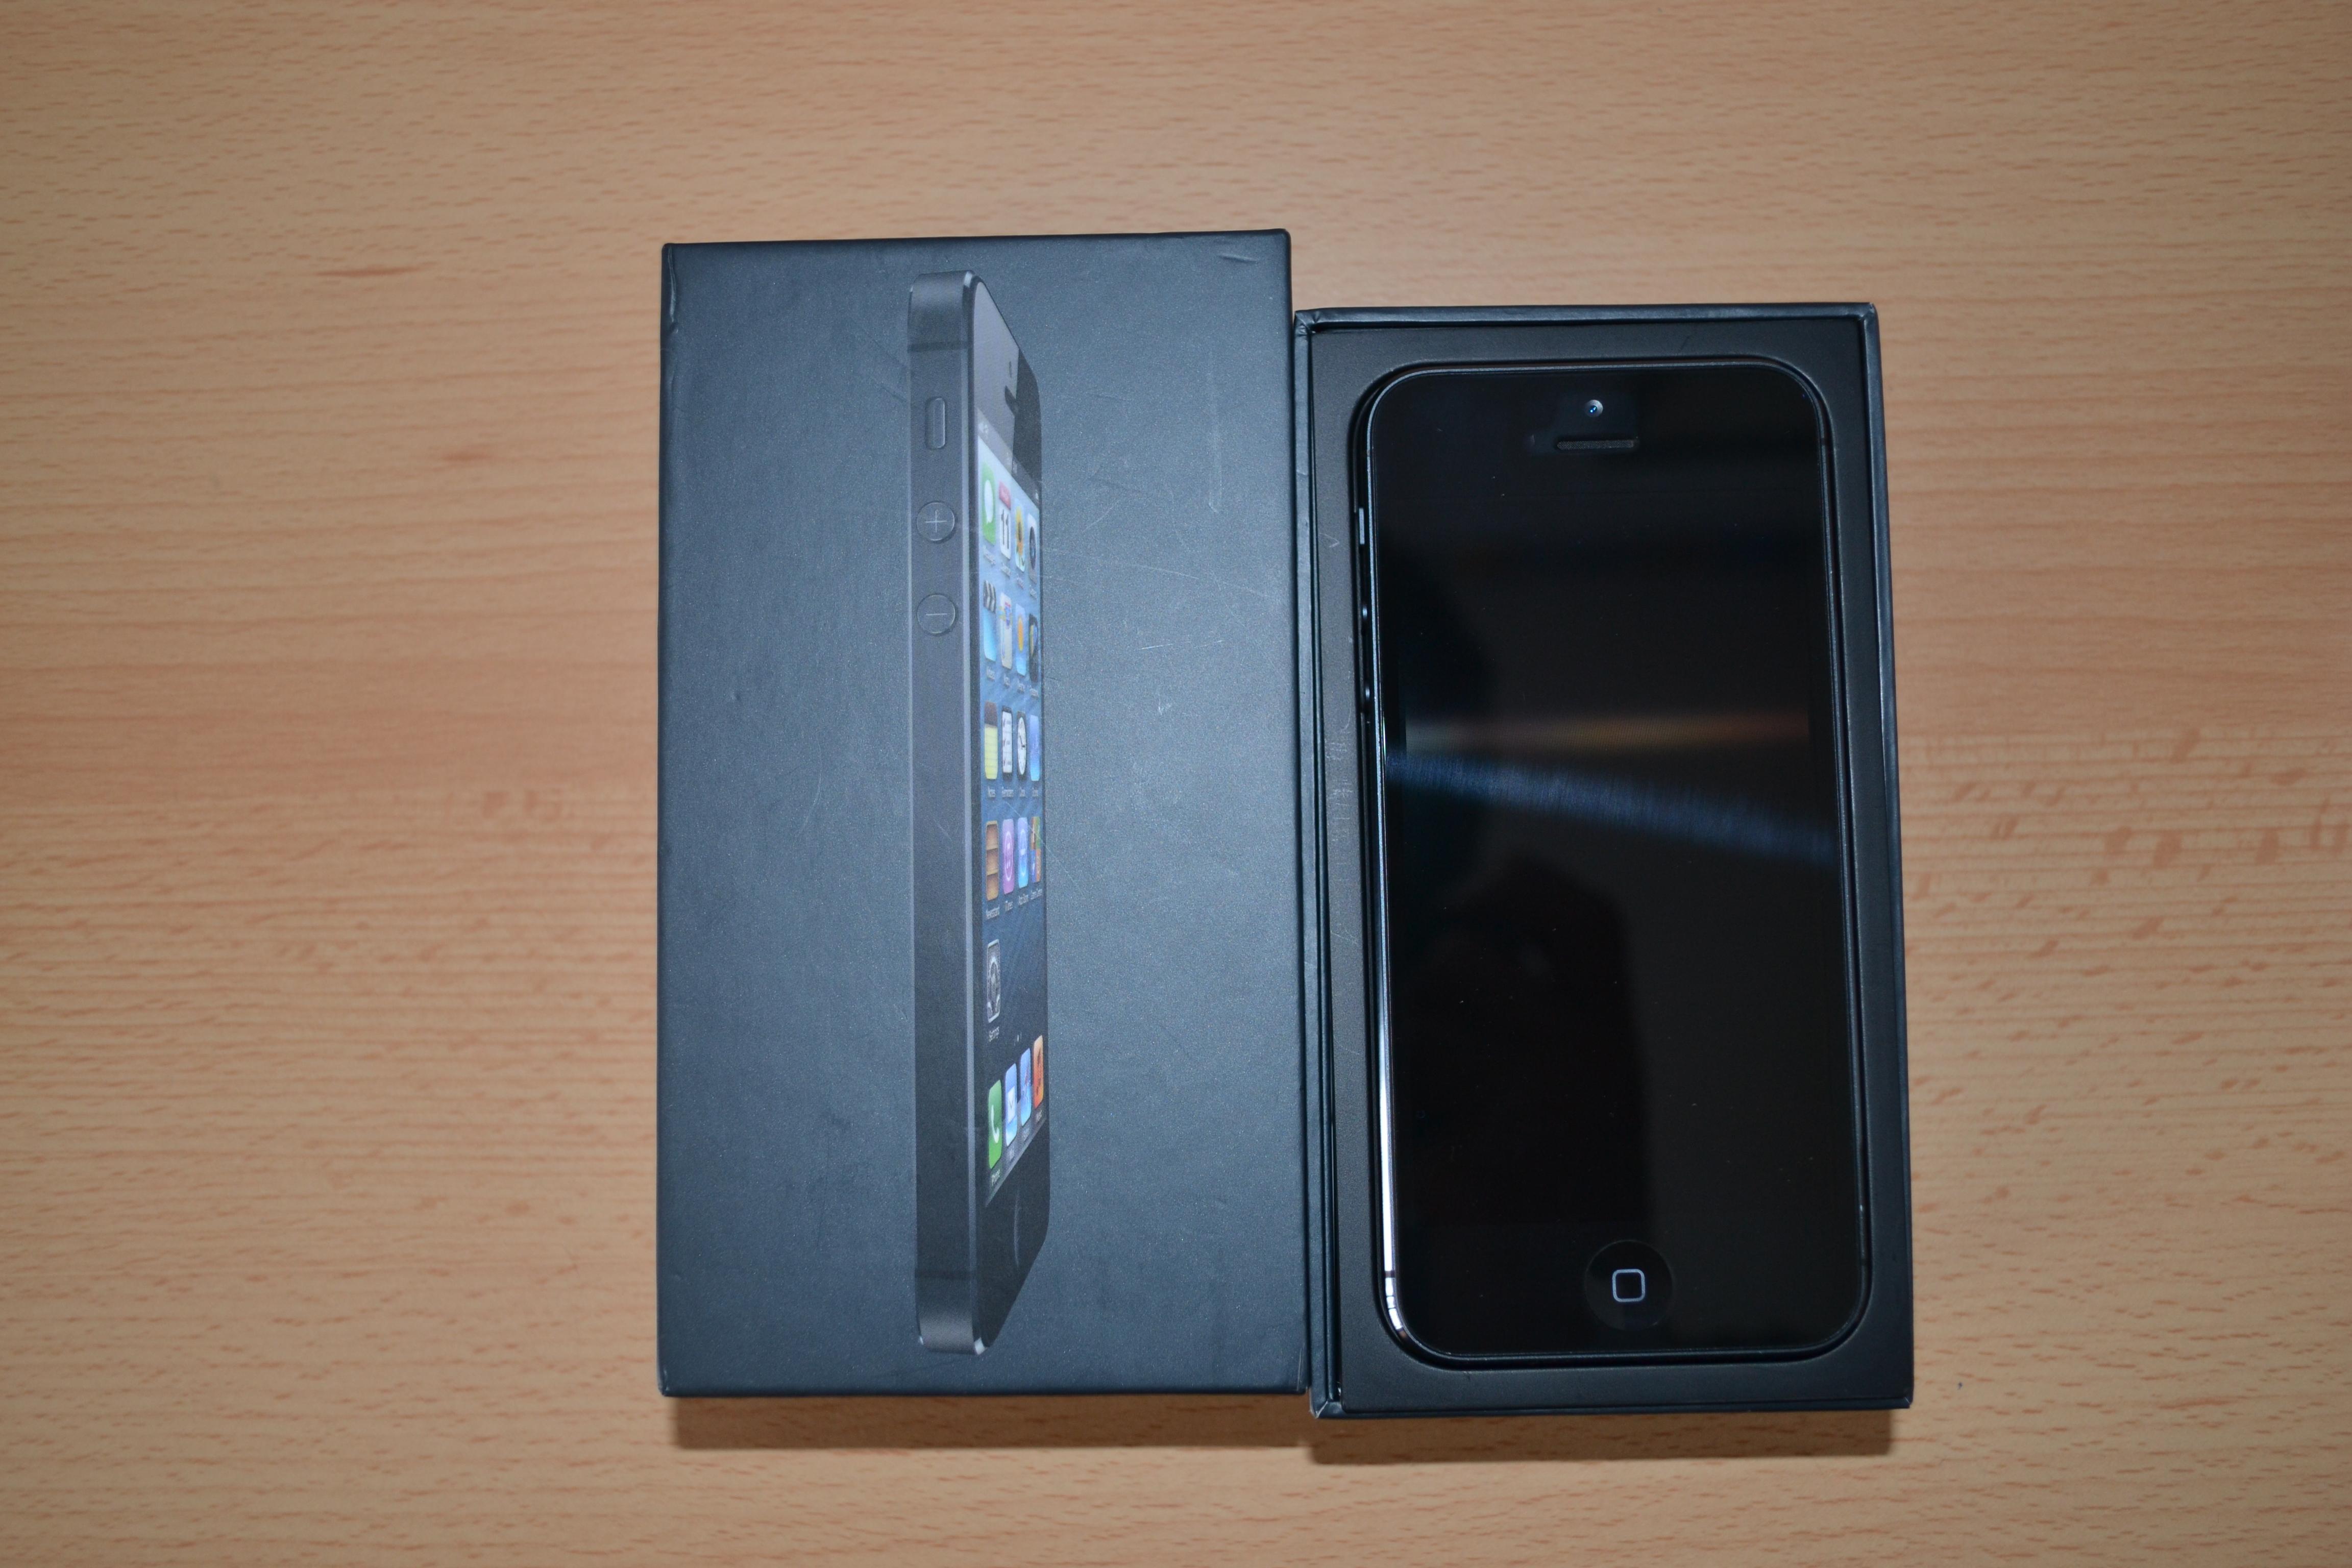 verkaufe oder tausche verkaufe iphone 5 32gb neu